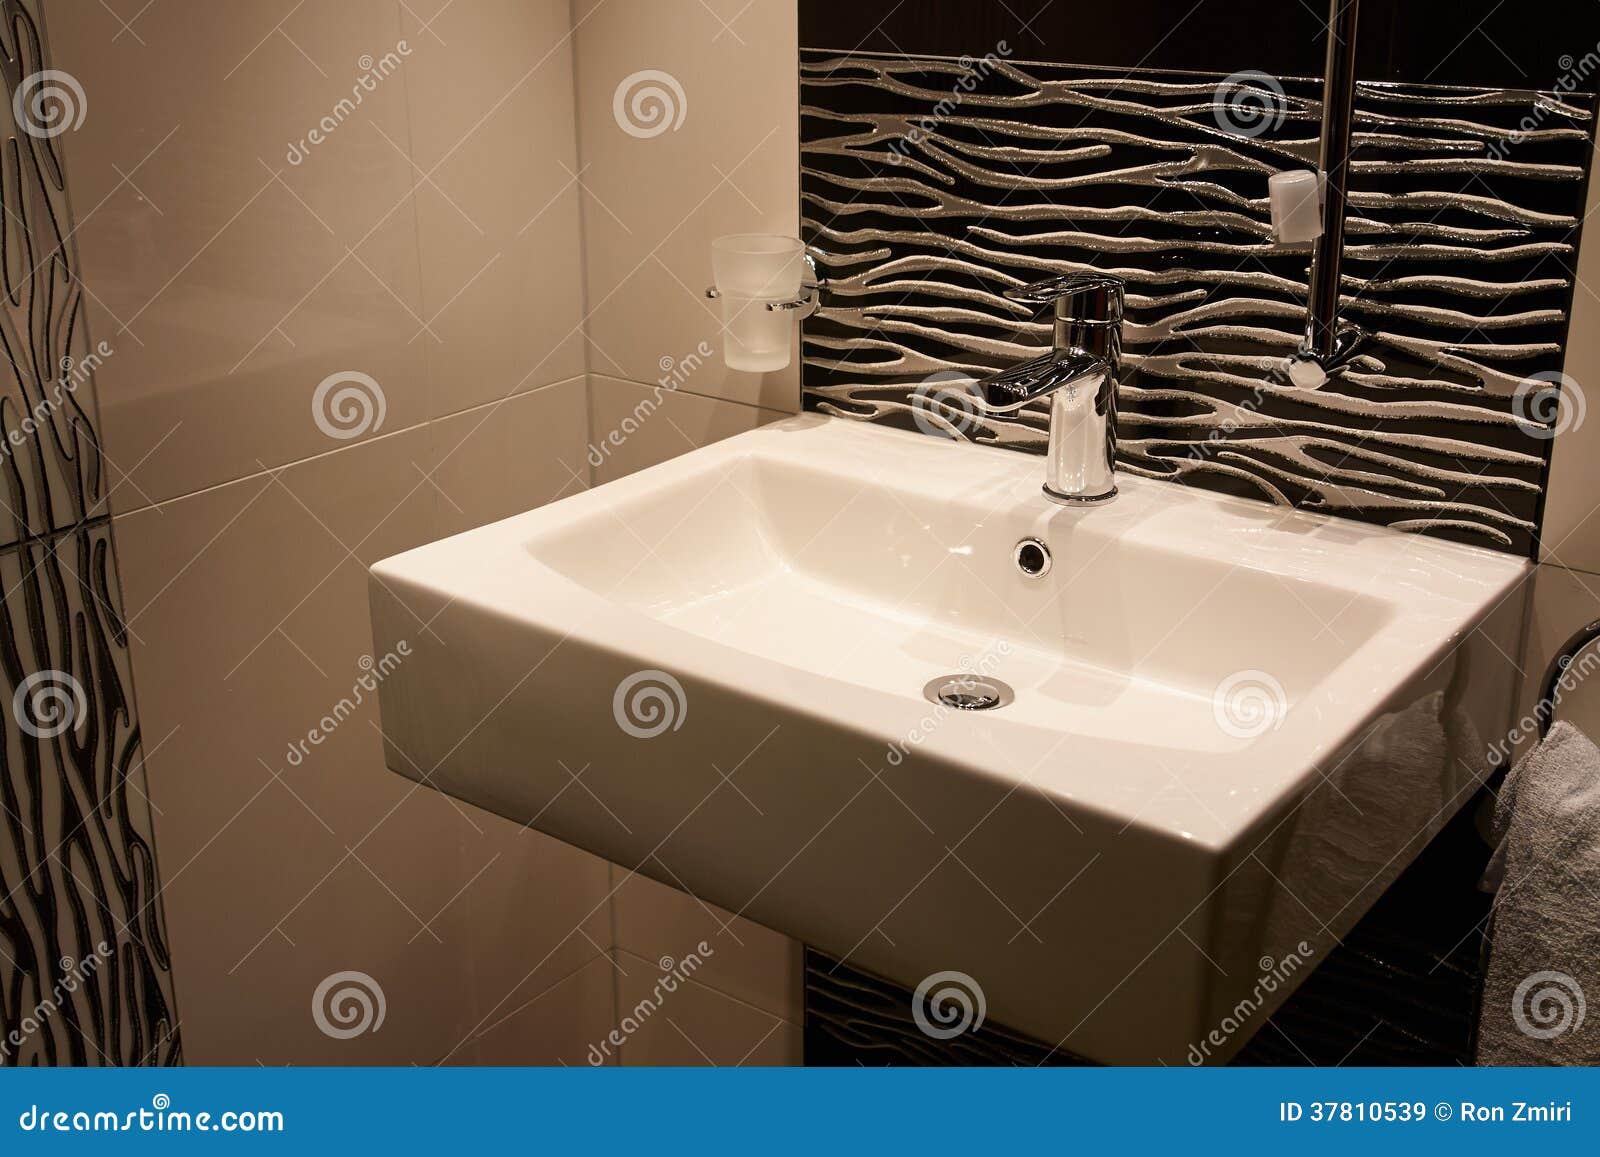 Mooie moderne klassieke badkamers in luxe nieuw huis royalty vrije stock afbeeldingen - Badkamers ...